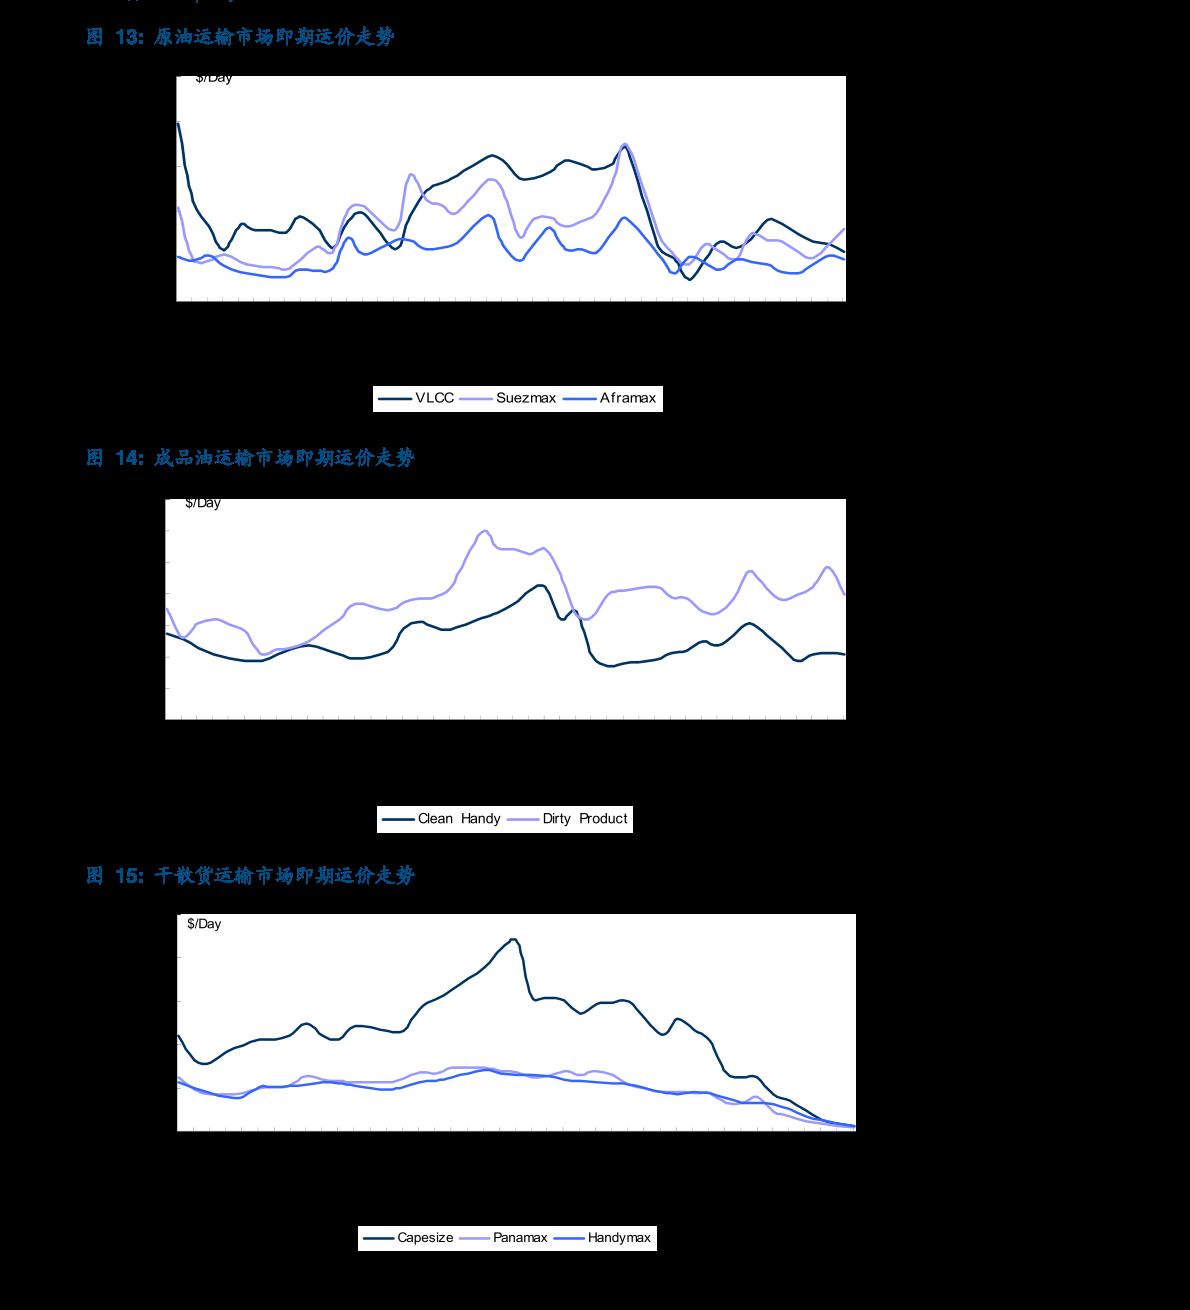 申万宏源-2021年化妆品医美雷火网址投资策略:美丽经济蓬勃兴起,首选优质赛道龙头公司-201120